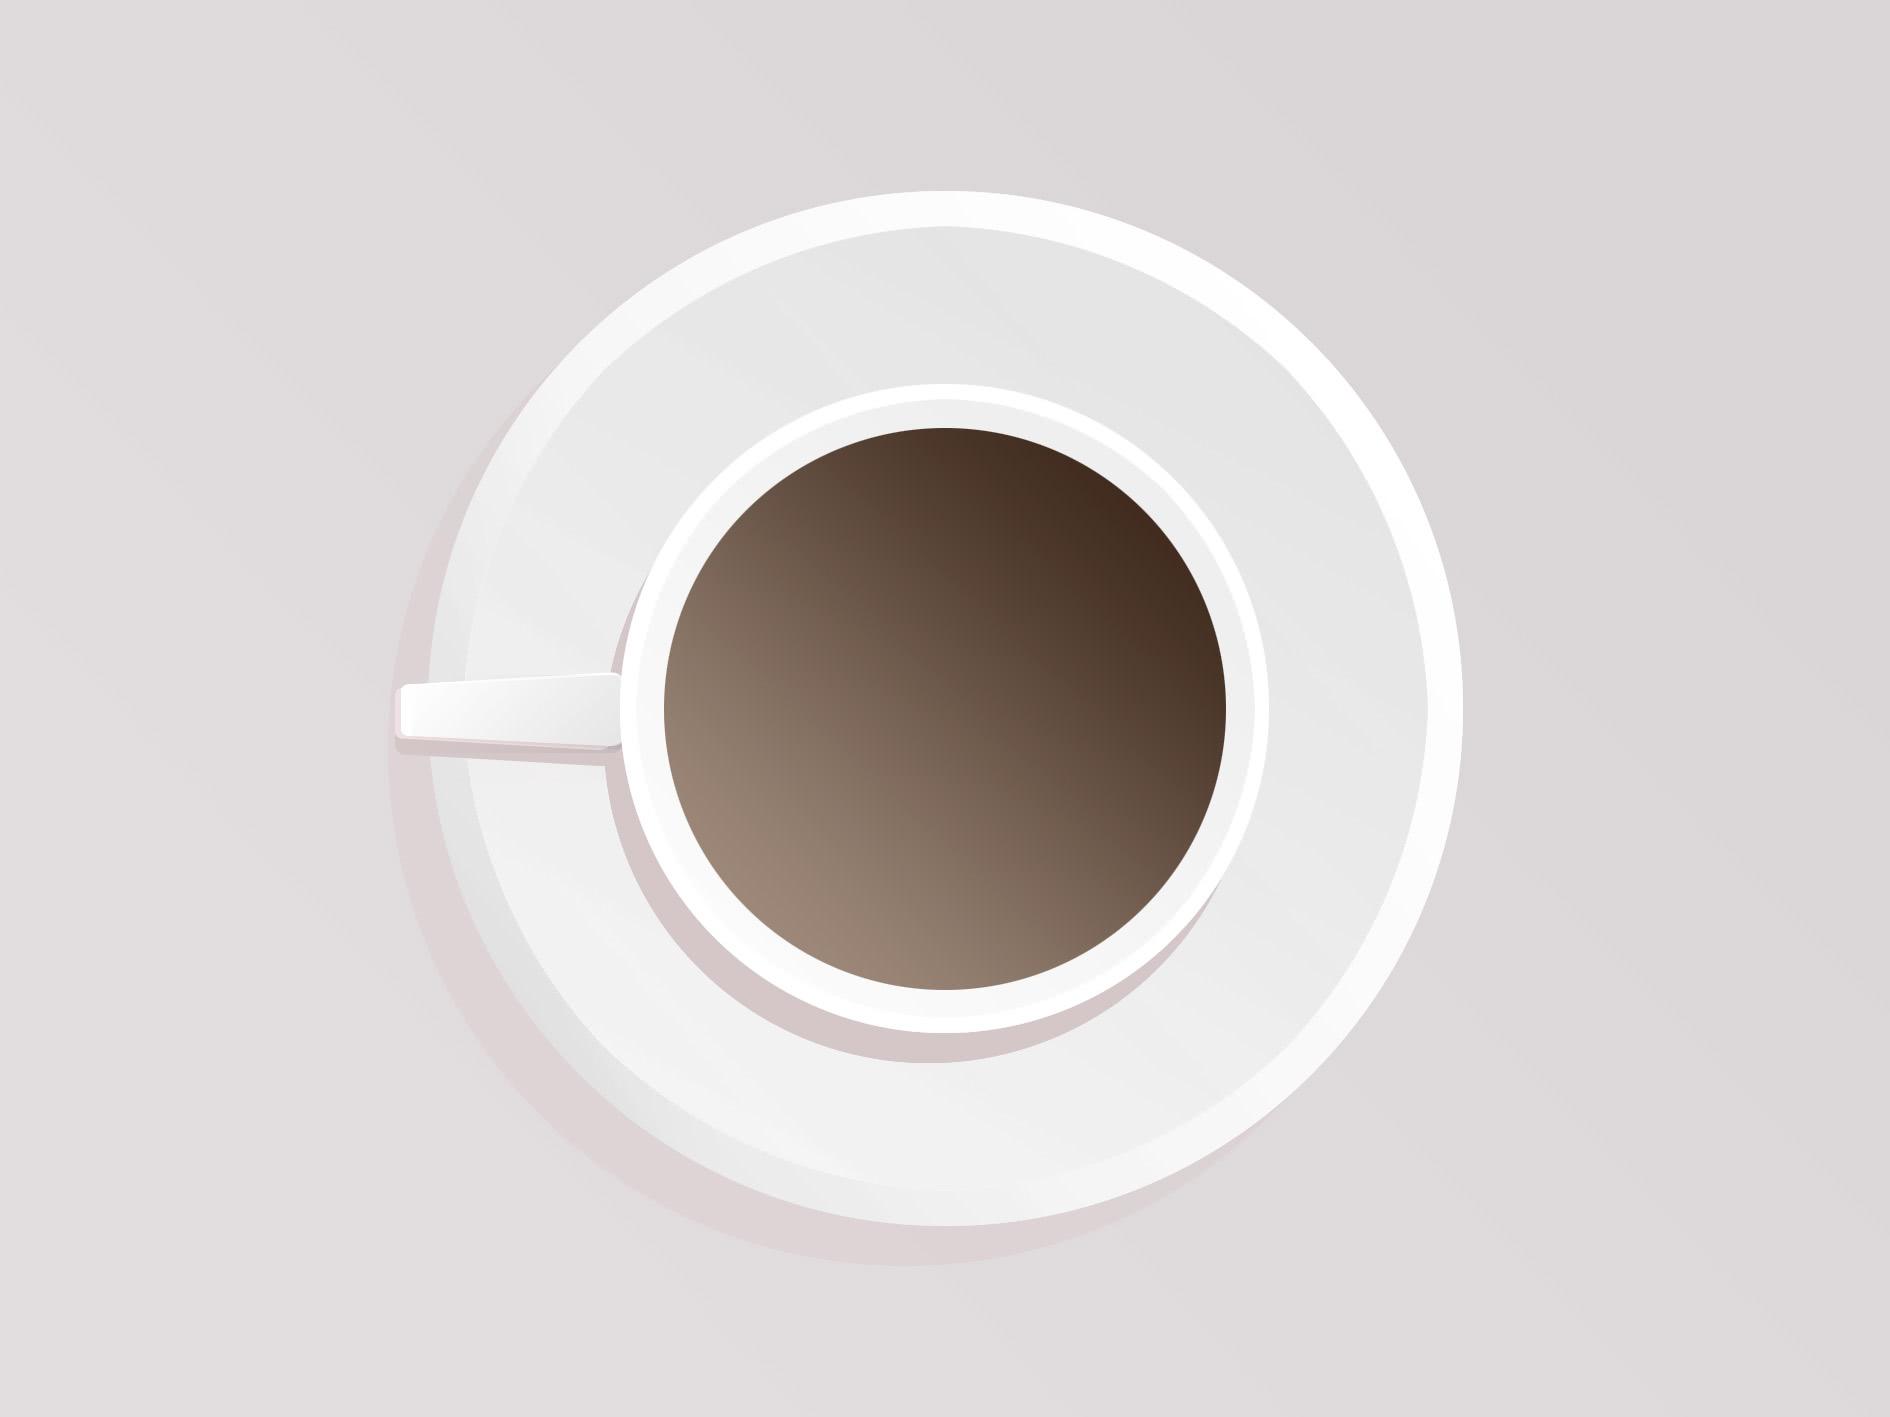 Criar uma xícara no photoshop 12